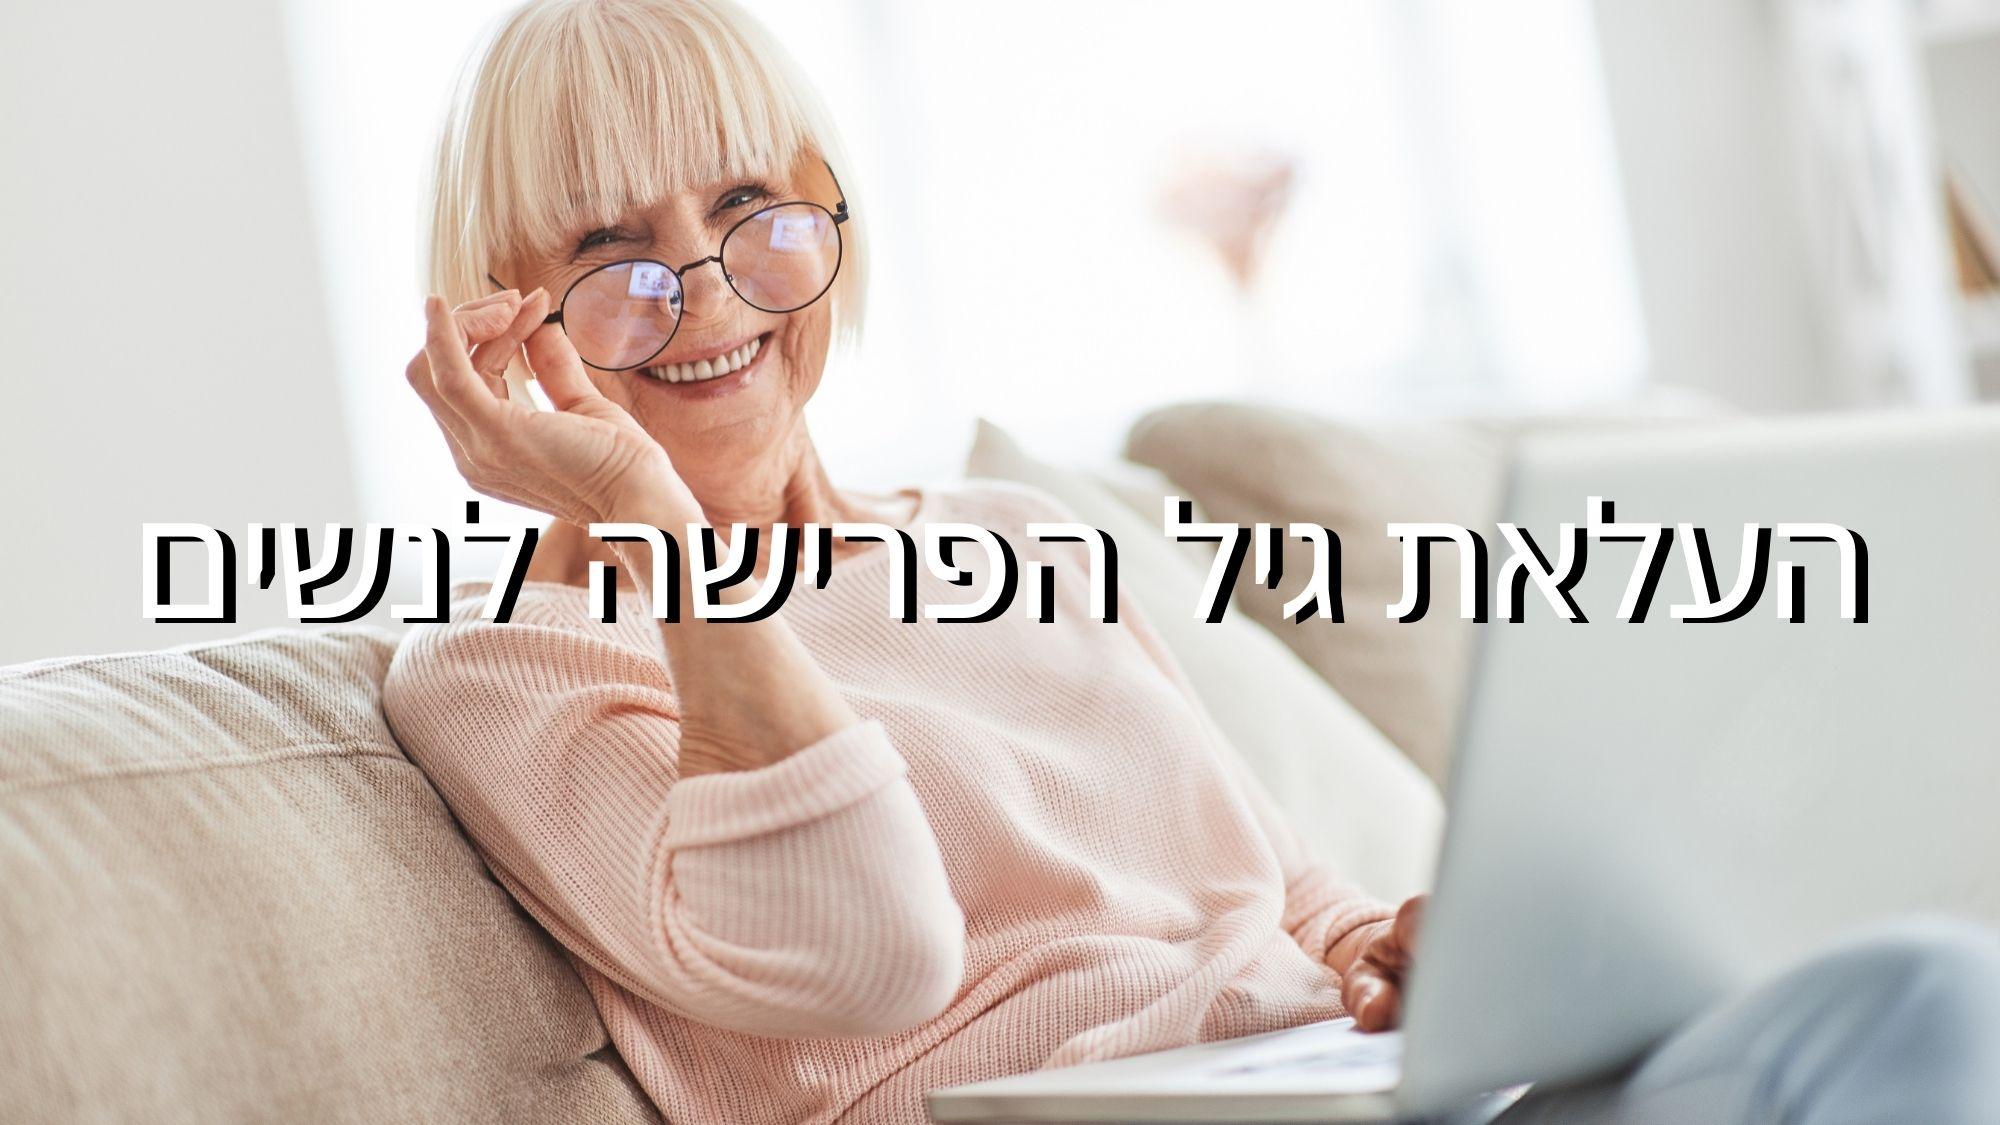 פנסיונרית - העלאת גיל הפרישה לנשים